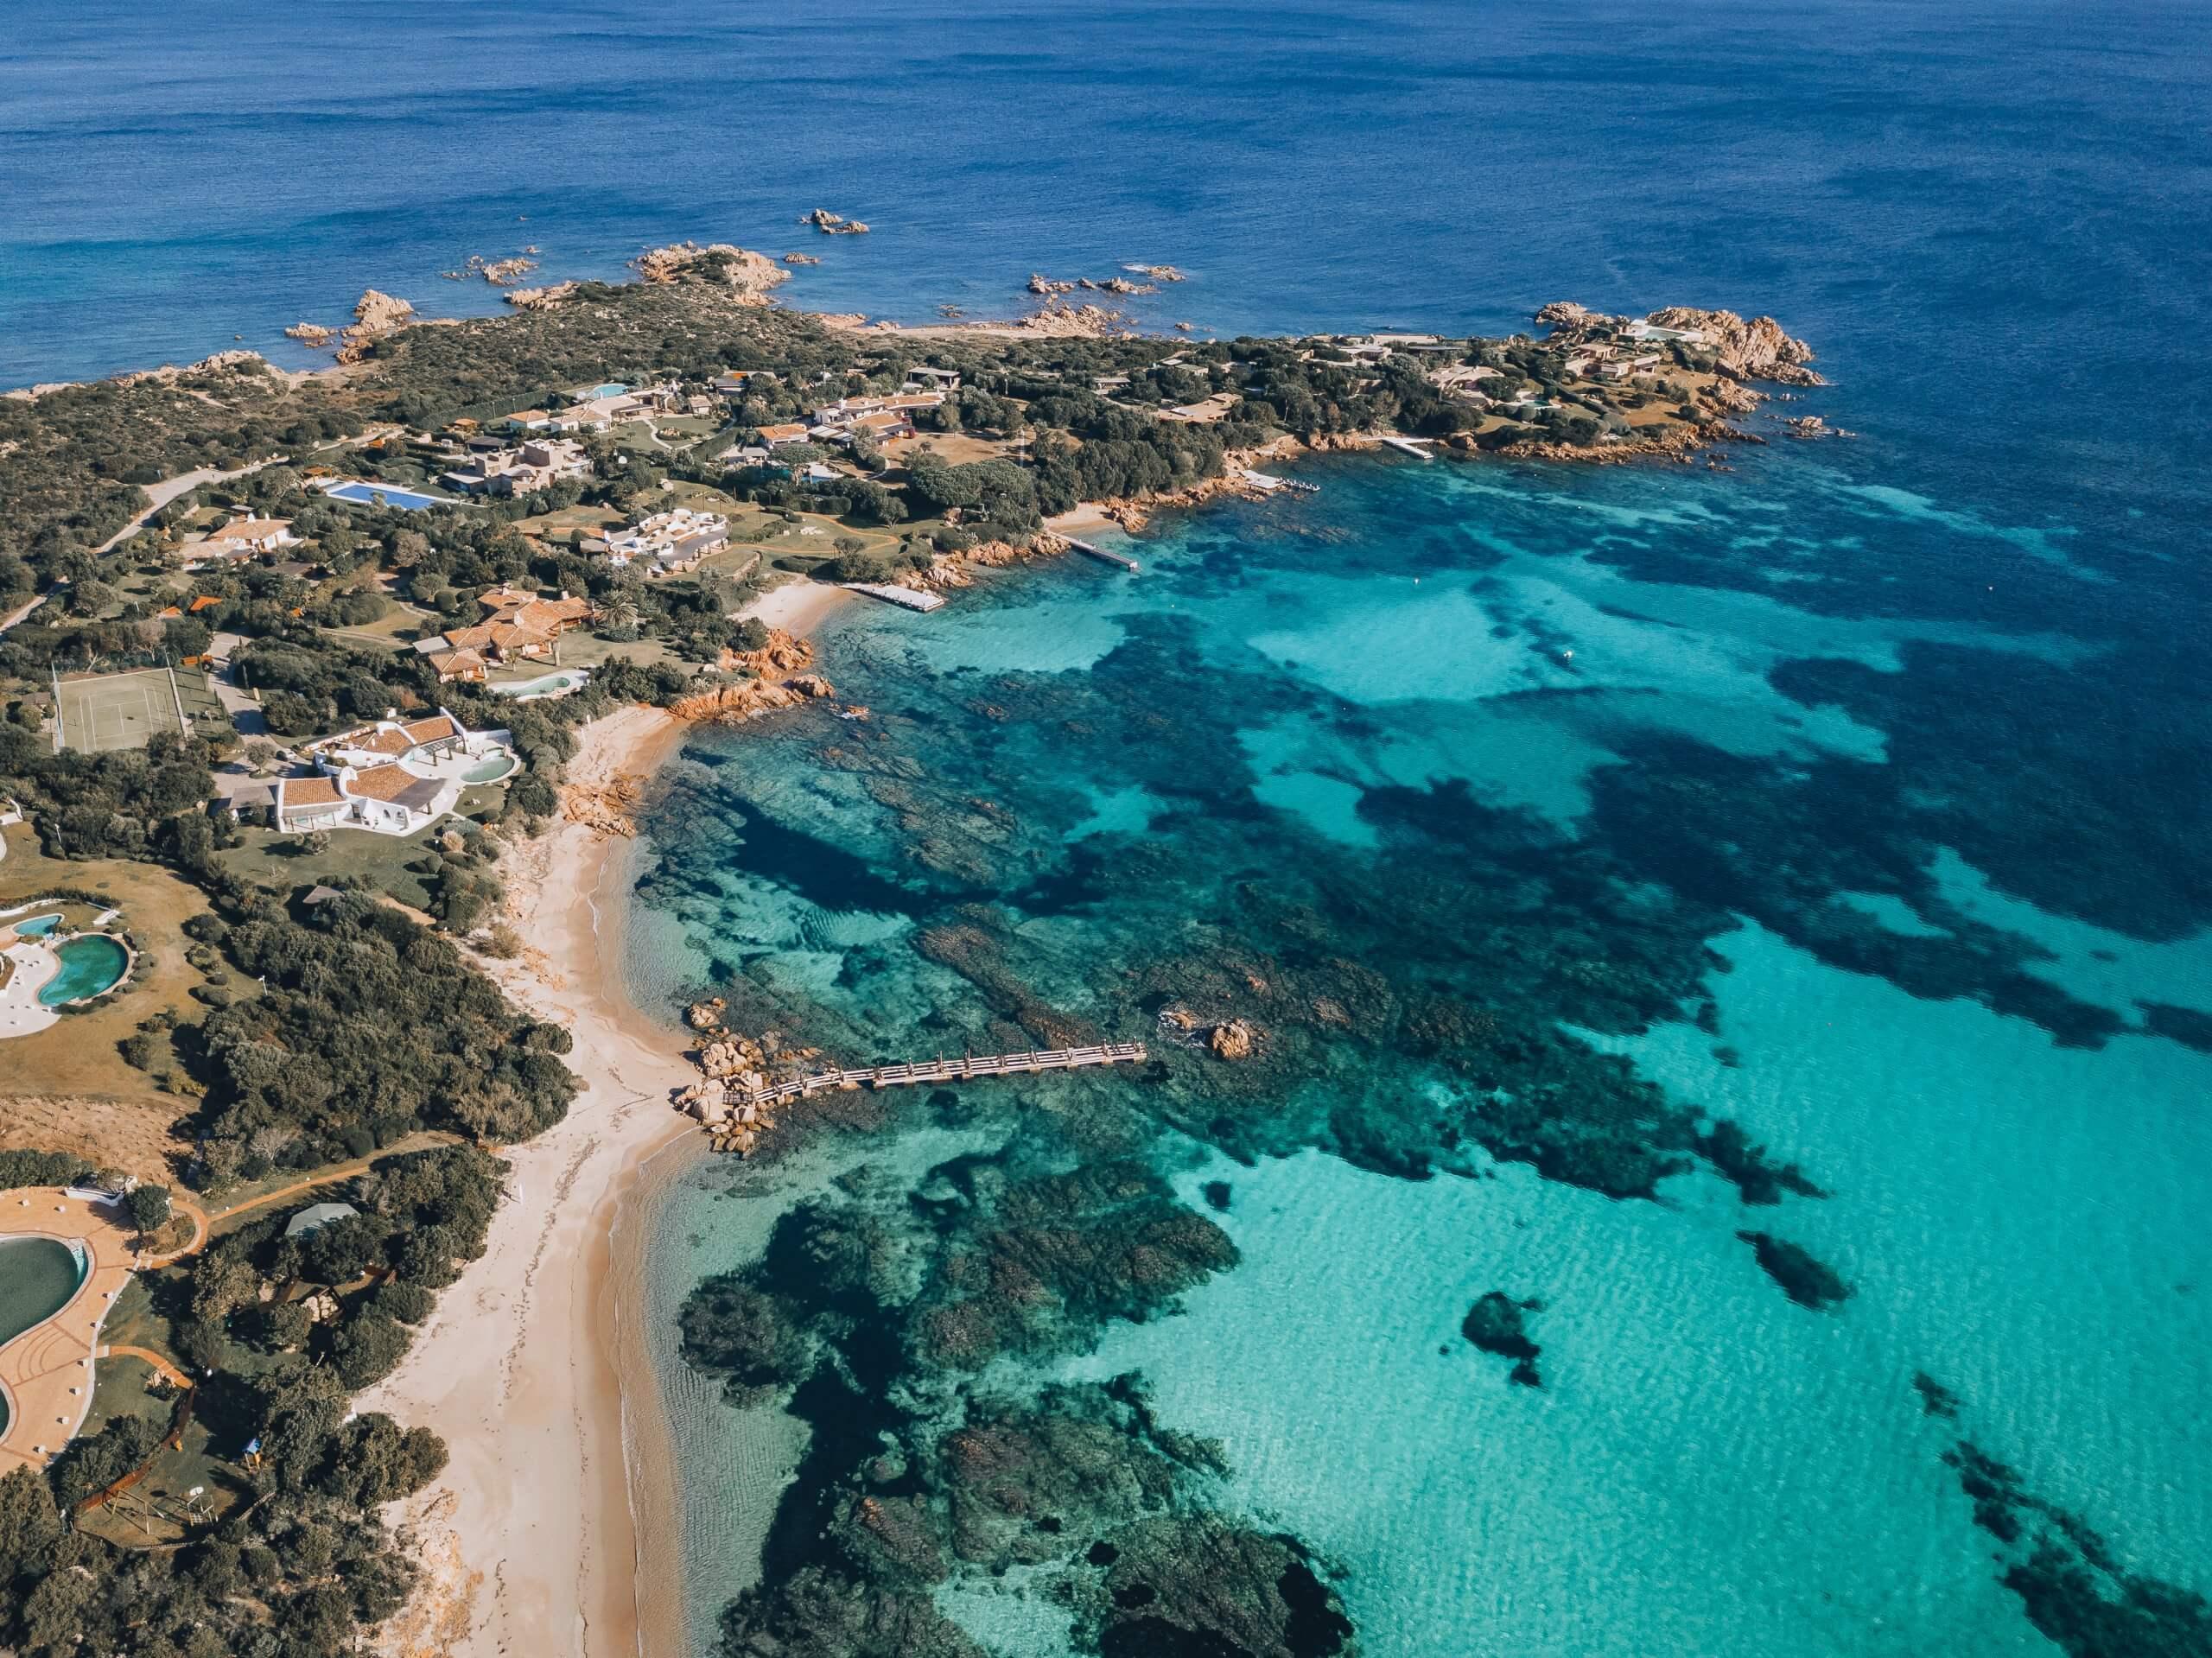 das Highlight eines jeden Sardinien Roadtrips: die Costa Smeralda